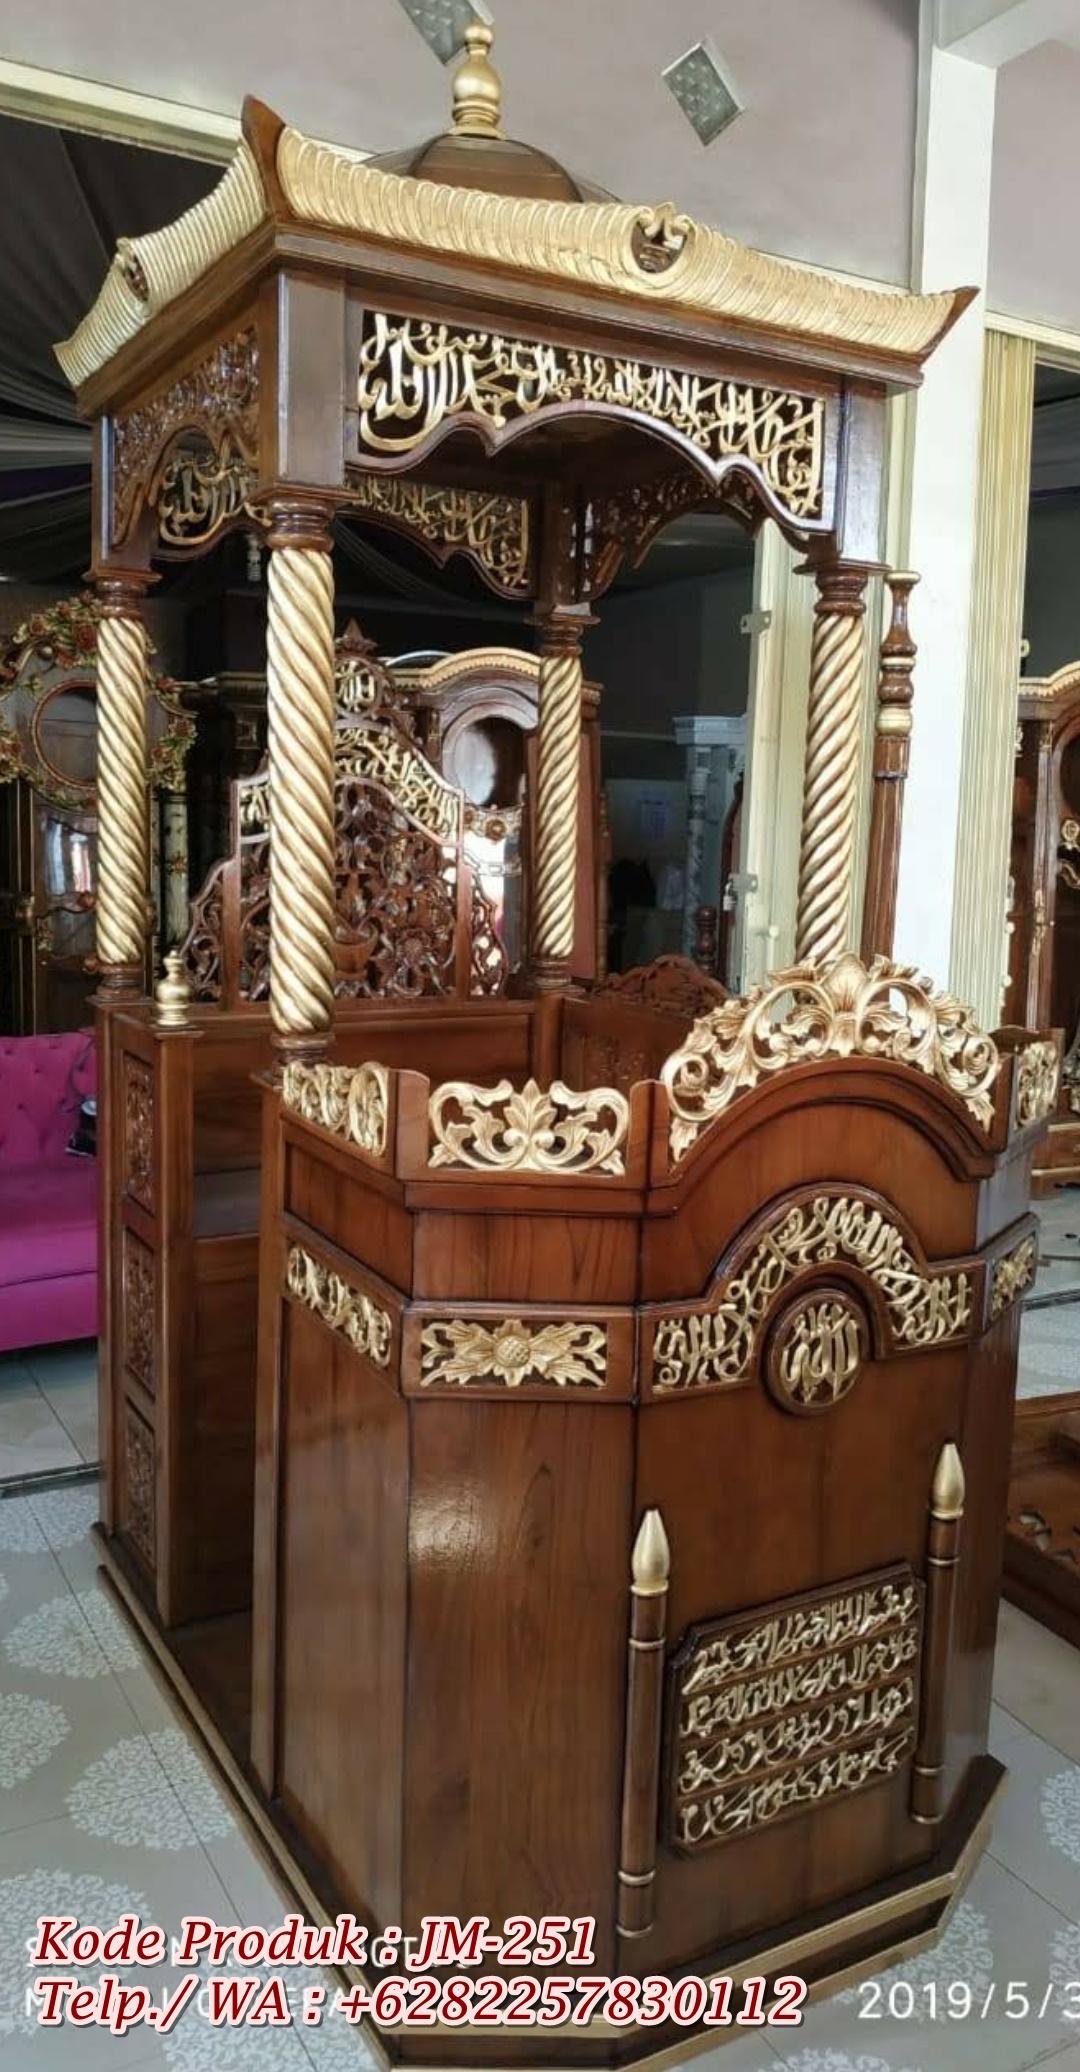 Mimbar Podium Masjid Ngawi Kayu Jepara